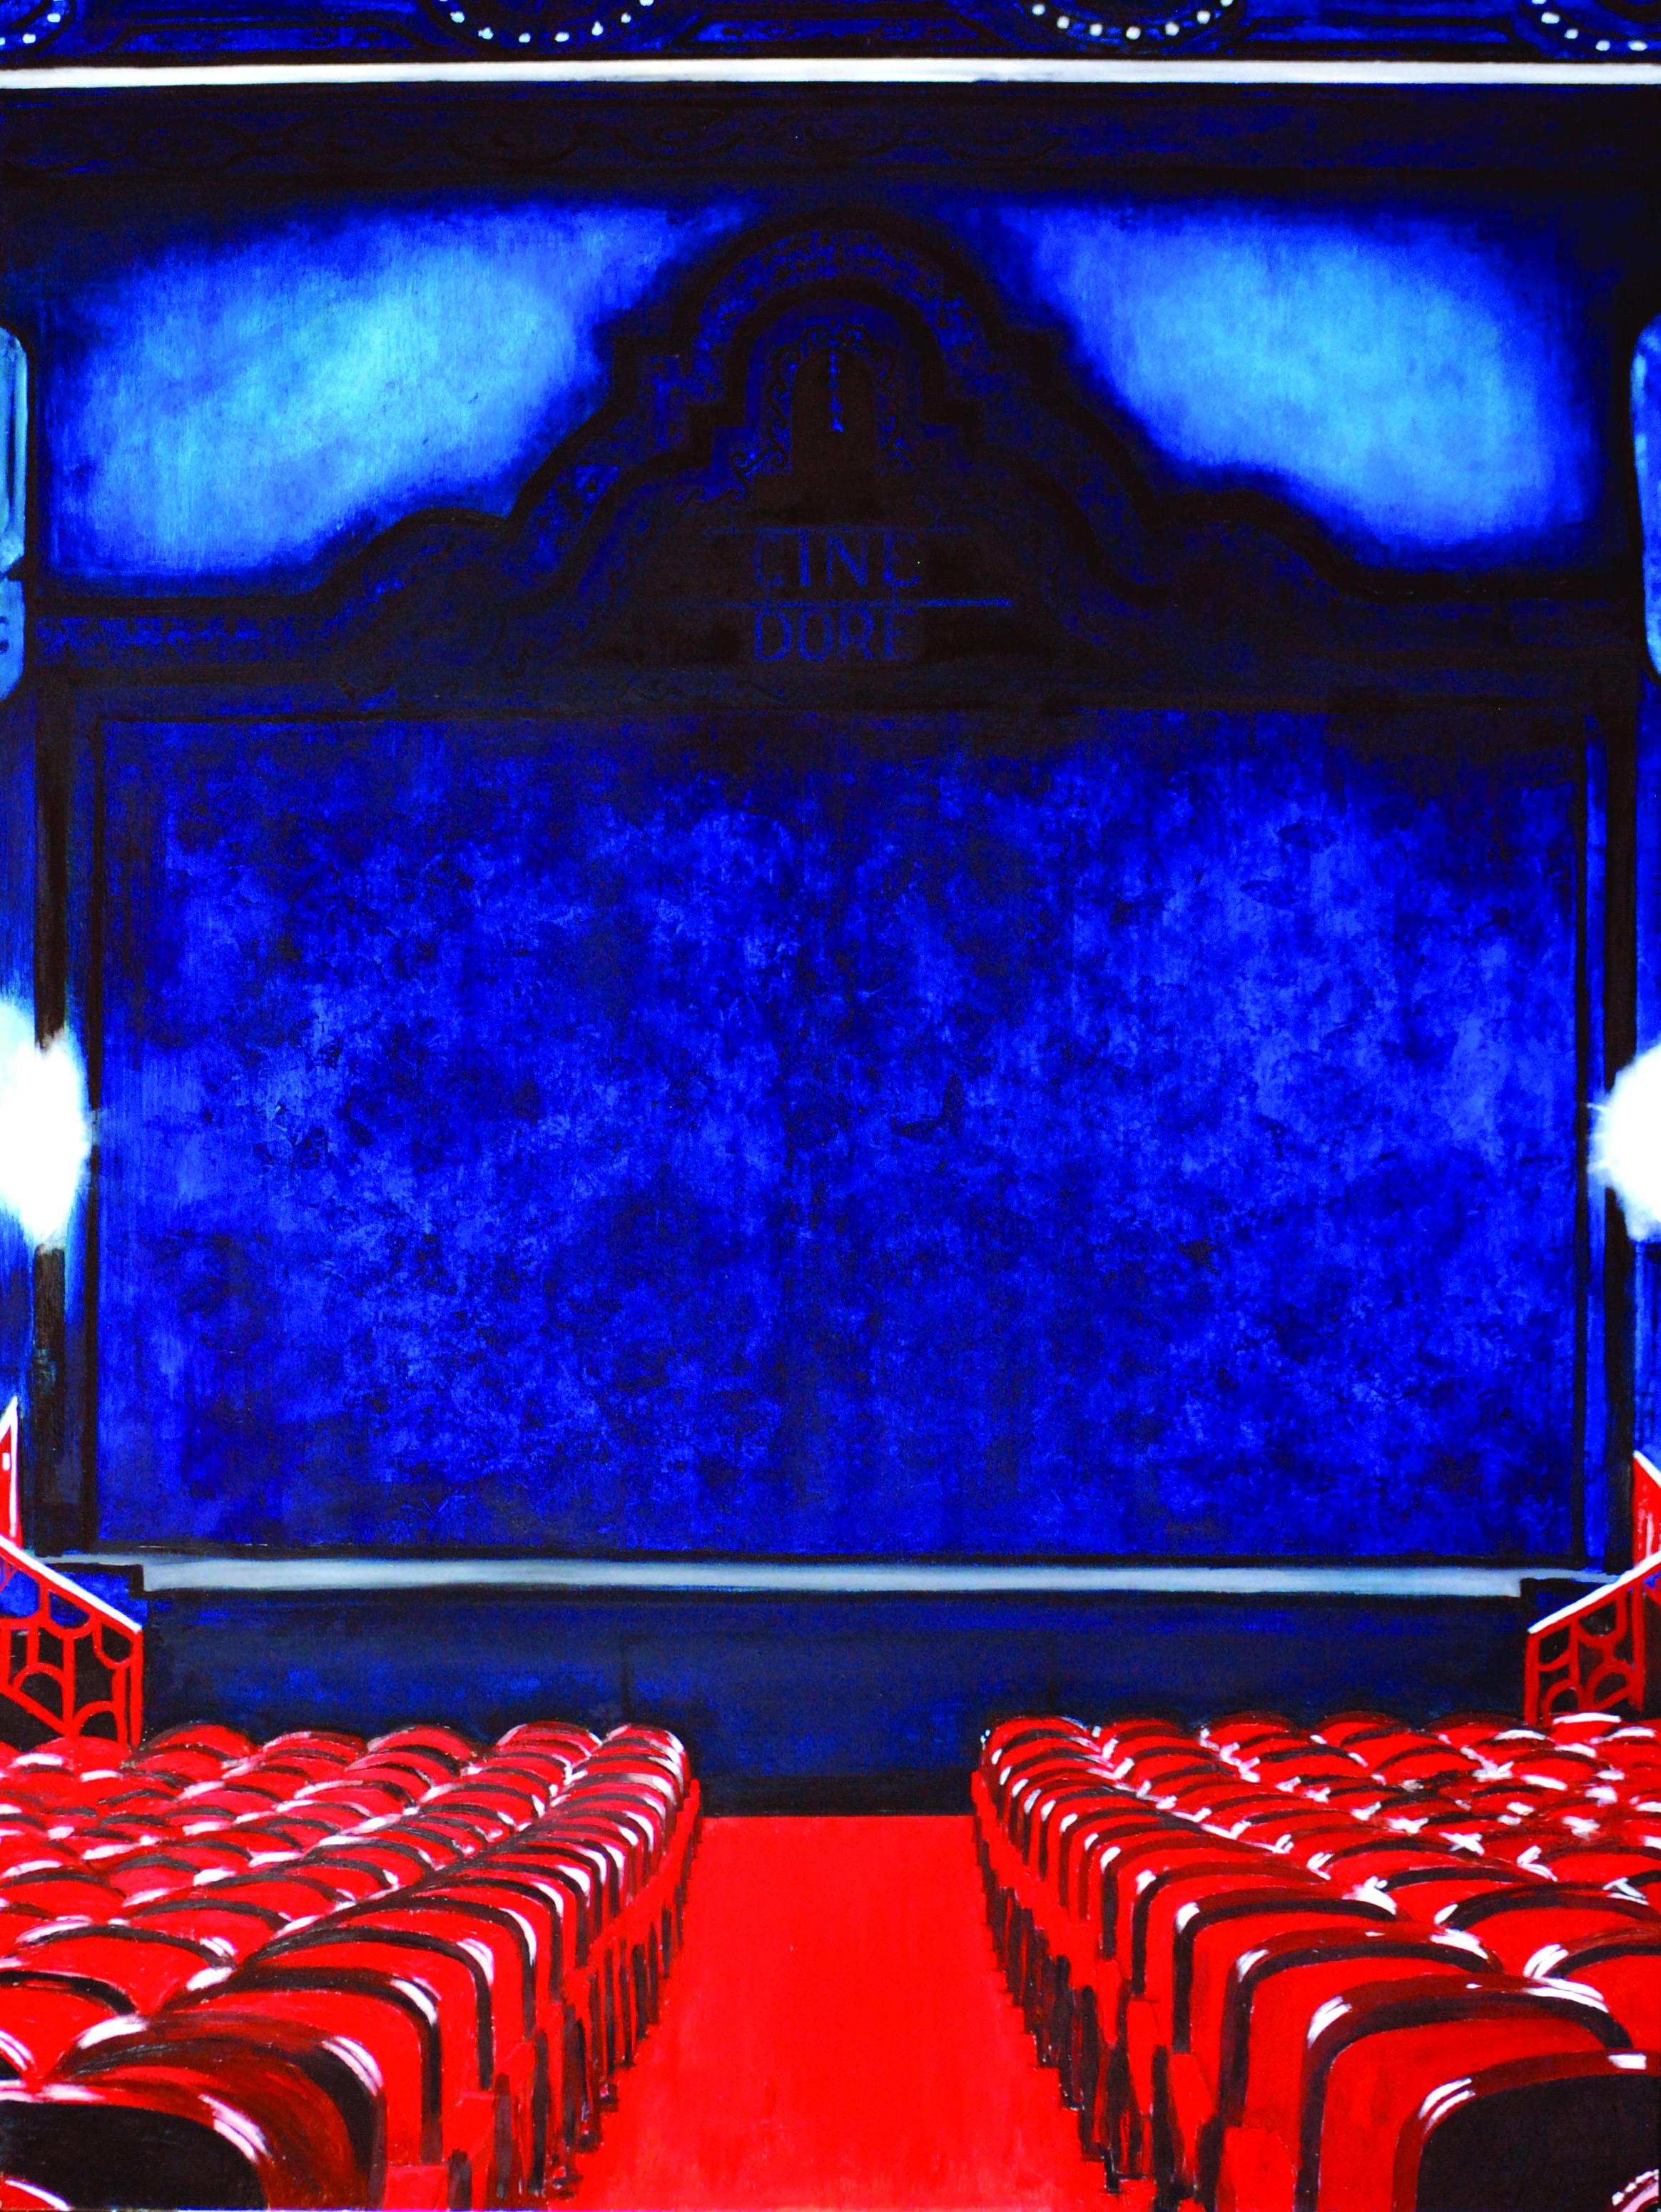 KS-052, Kae Sasaki, CineDore, 2015, Oil on Silverleafed Panel, 36X48